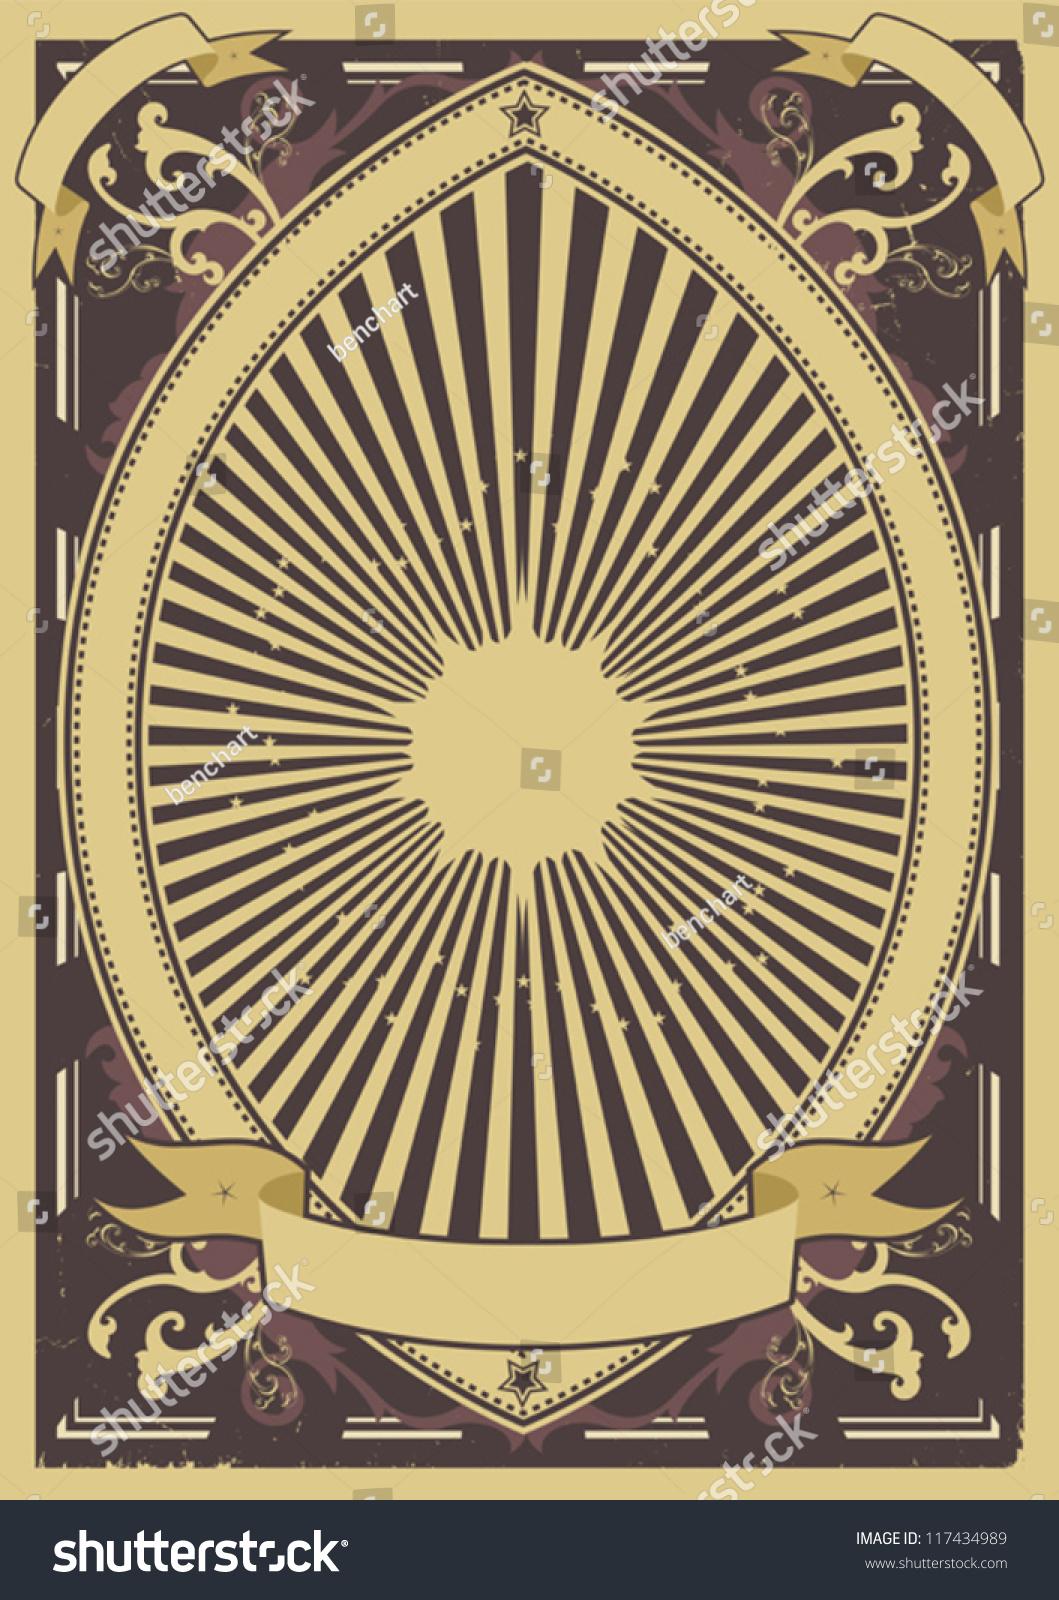 Vintage Poster Background/ Illustration Of A Grunge ...